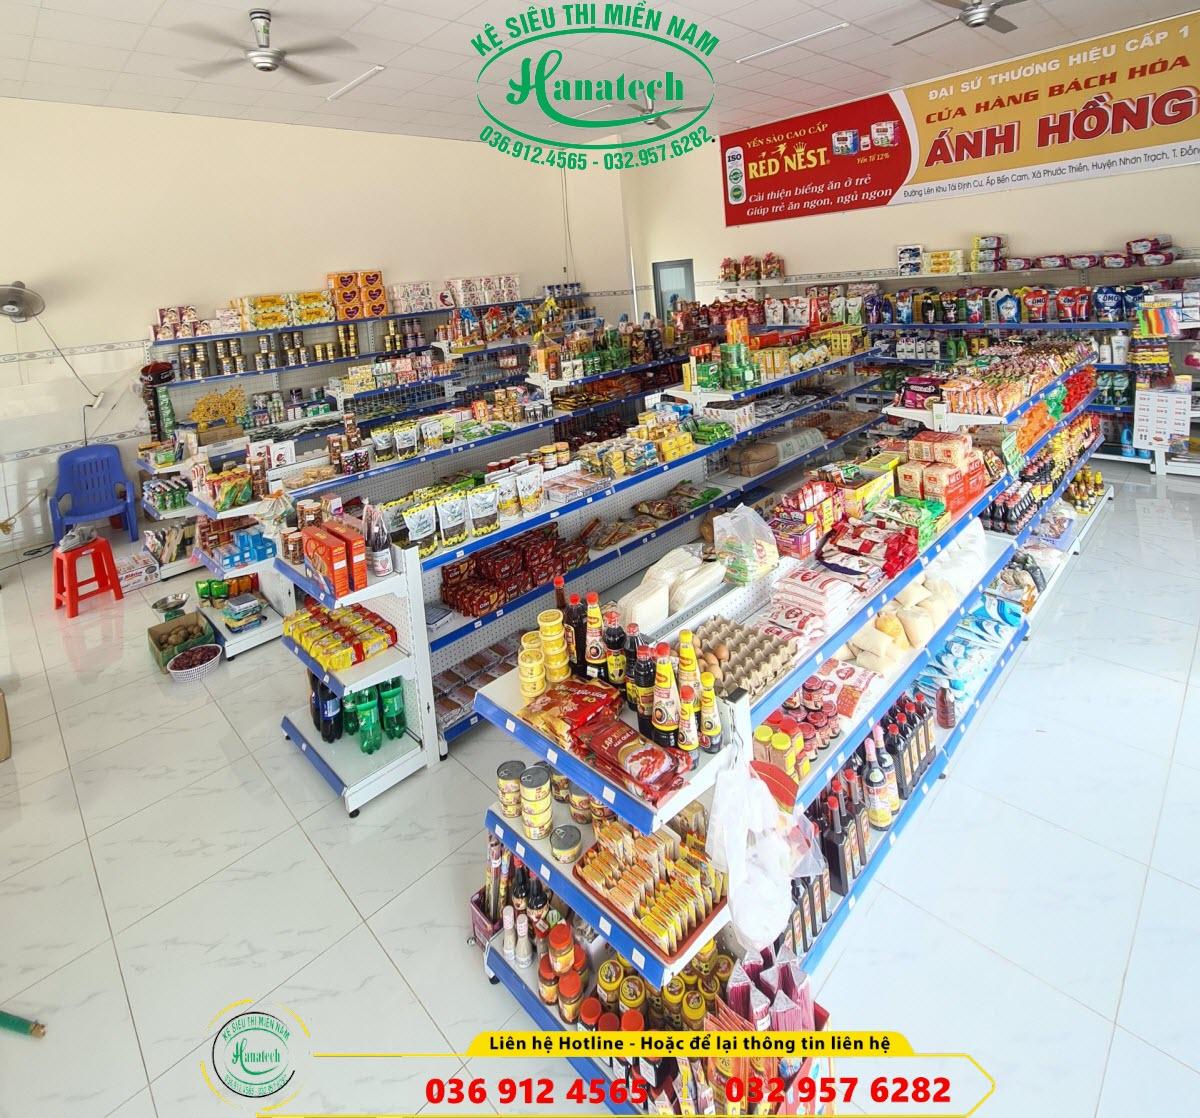 Giá kệ cửa hàng tạp hóa tại Tây Ninh